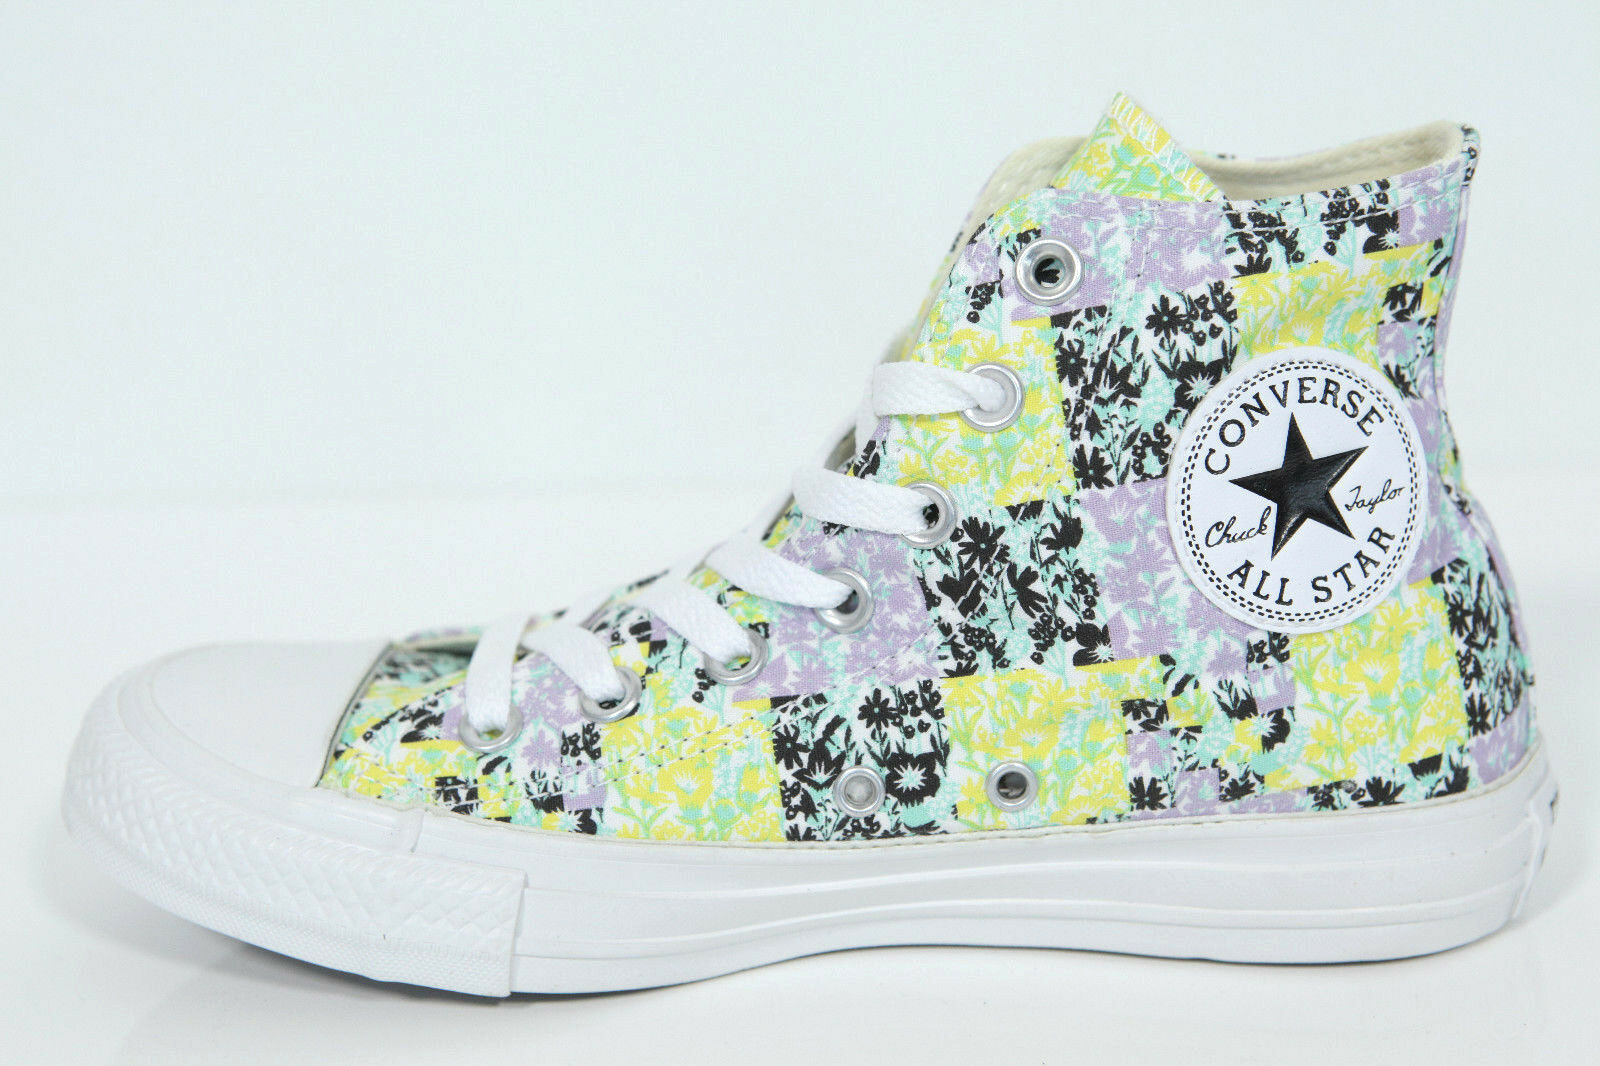 Neu Multi All Star Converse Chucks Hi Multi Neu Weiß cotton Sneaker 542558c Retro ffcc1f